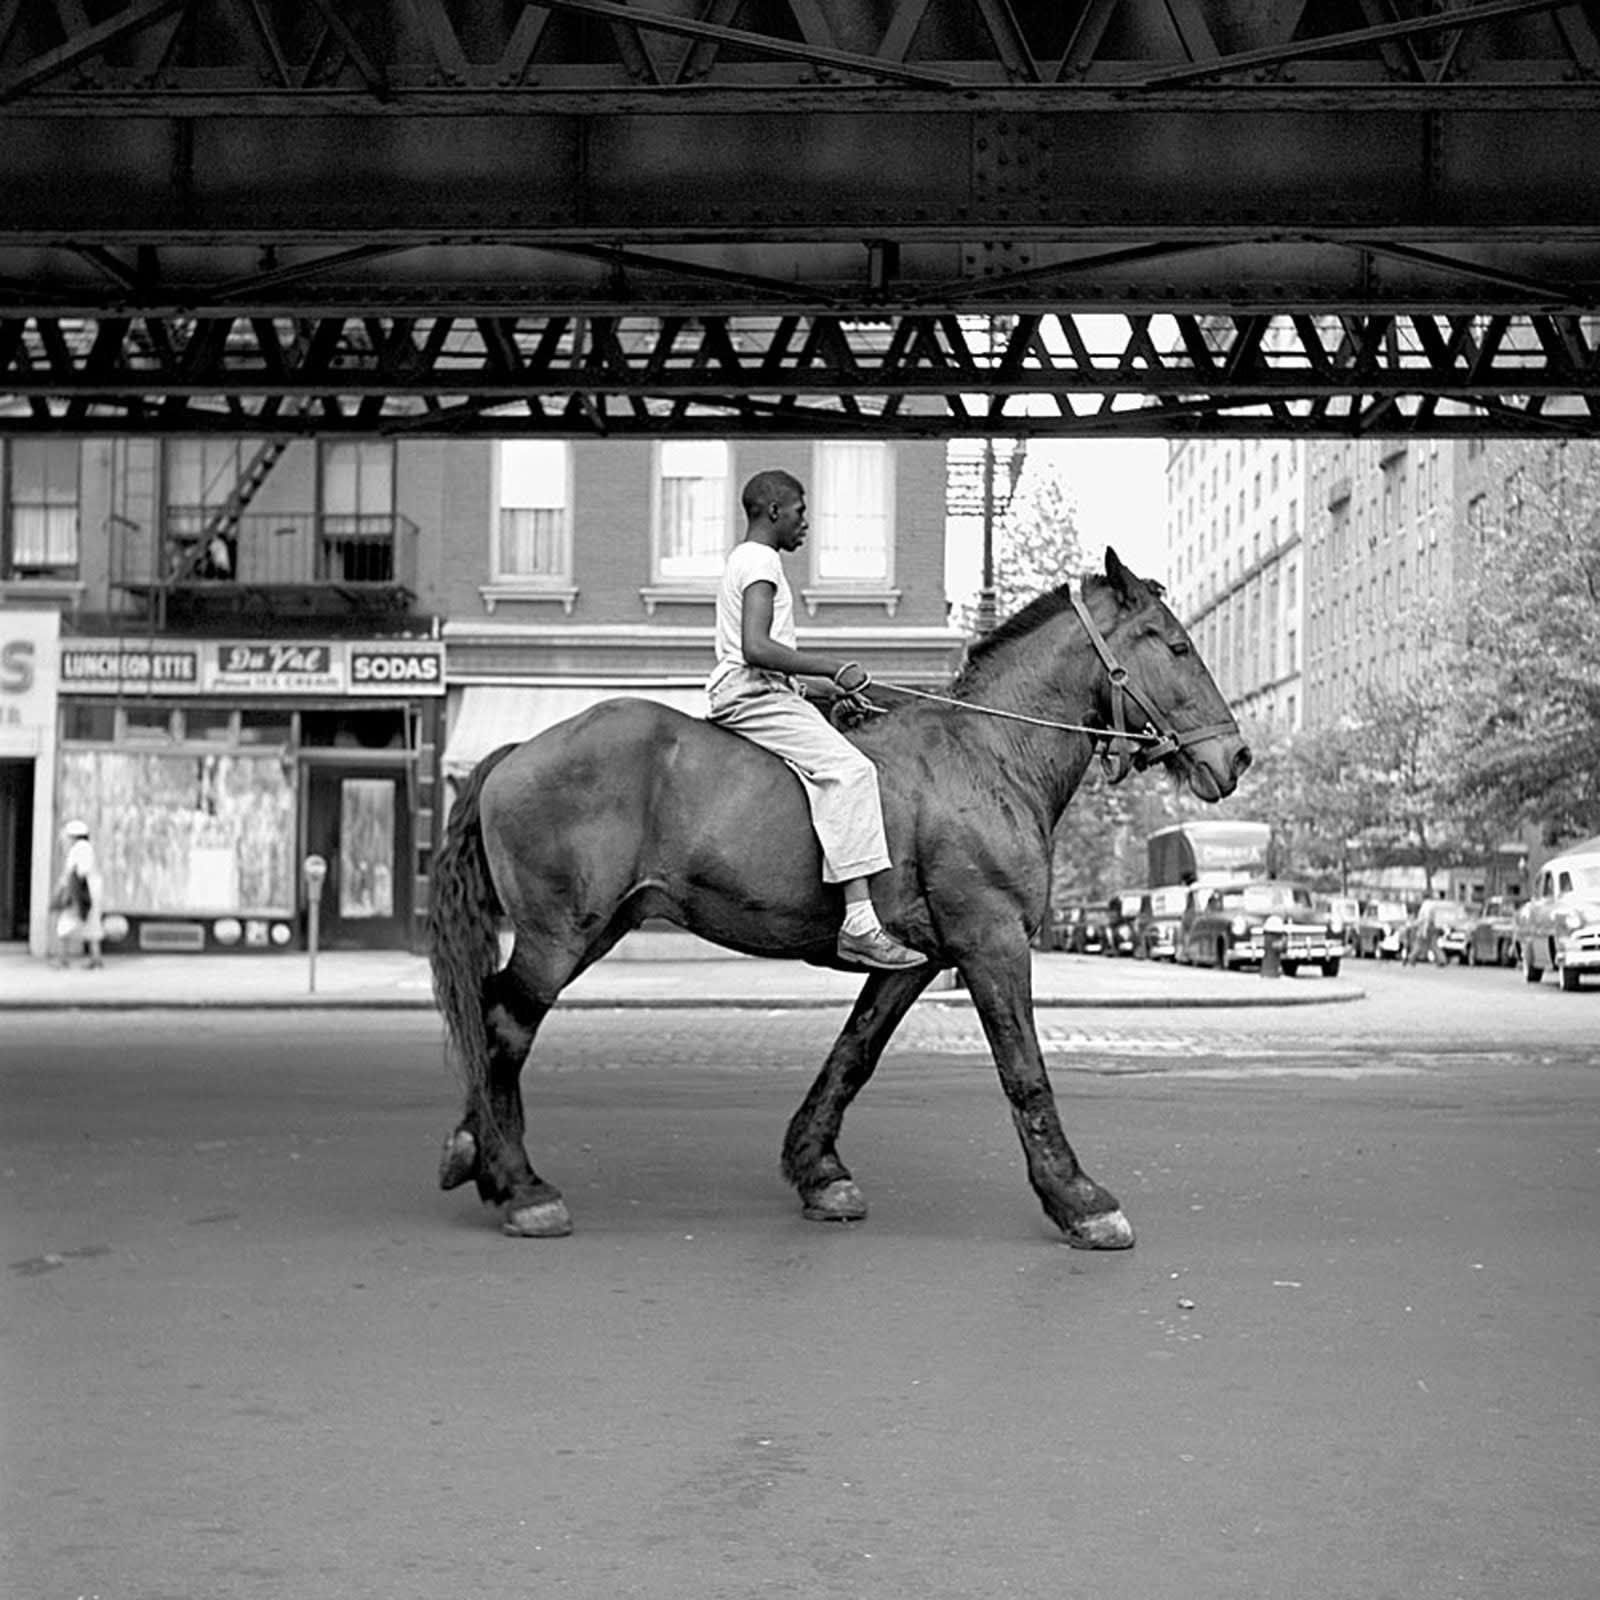 Vivian Maier New York, NY, August 11 Tirage gélatino-argentique, posthume 30 x 30 cm Dim. papier: 40 x 50 cm